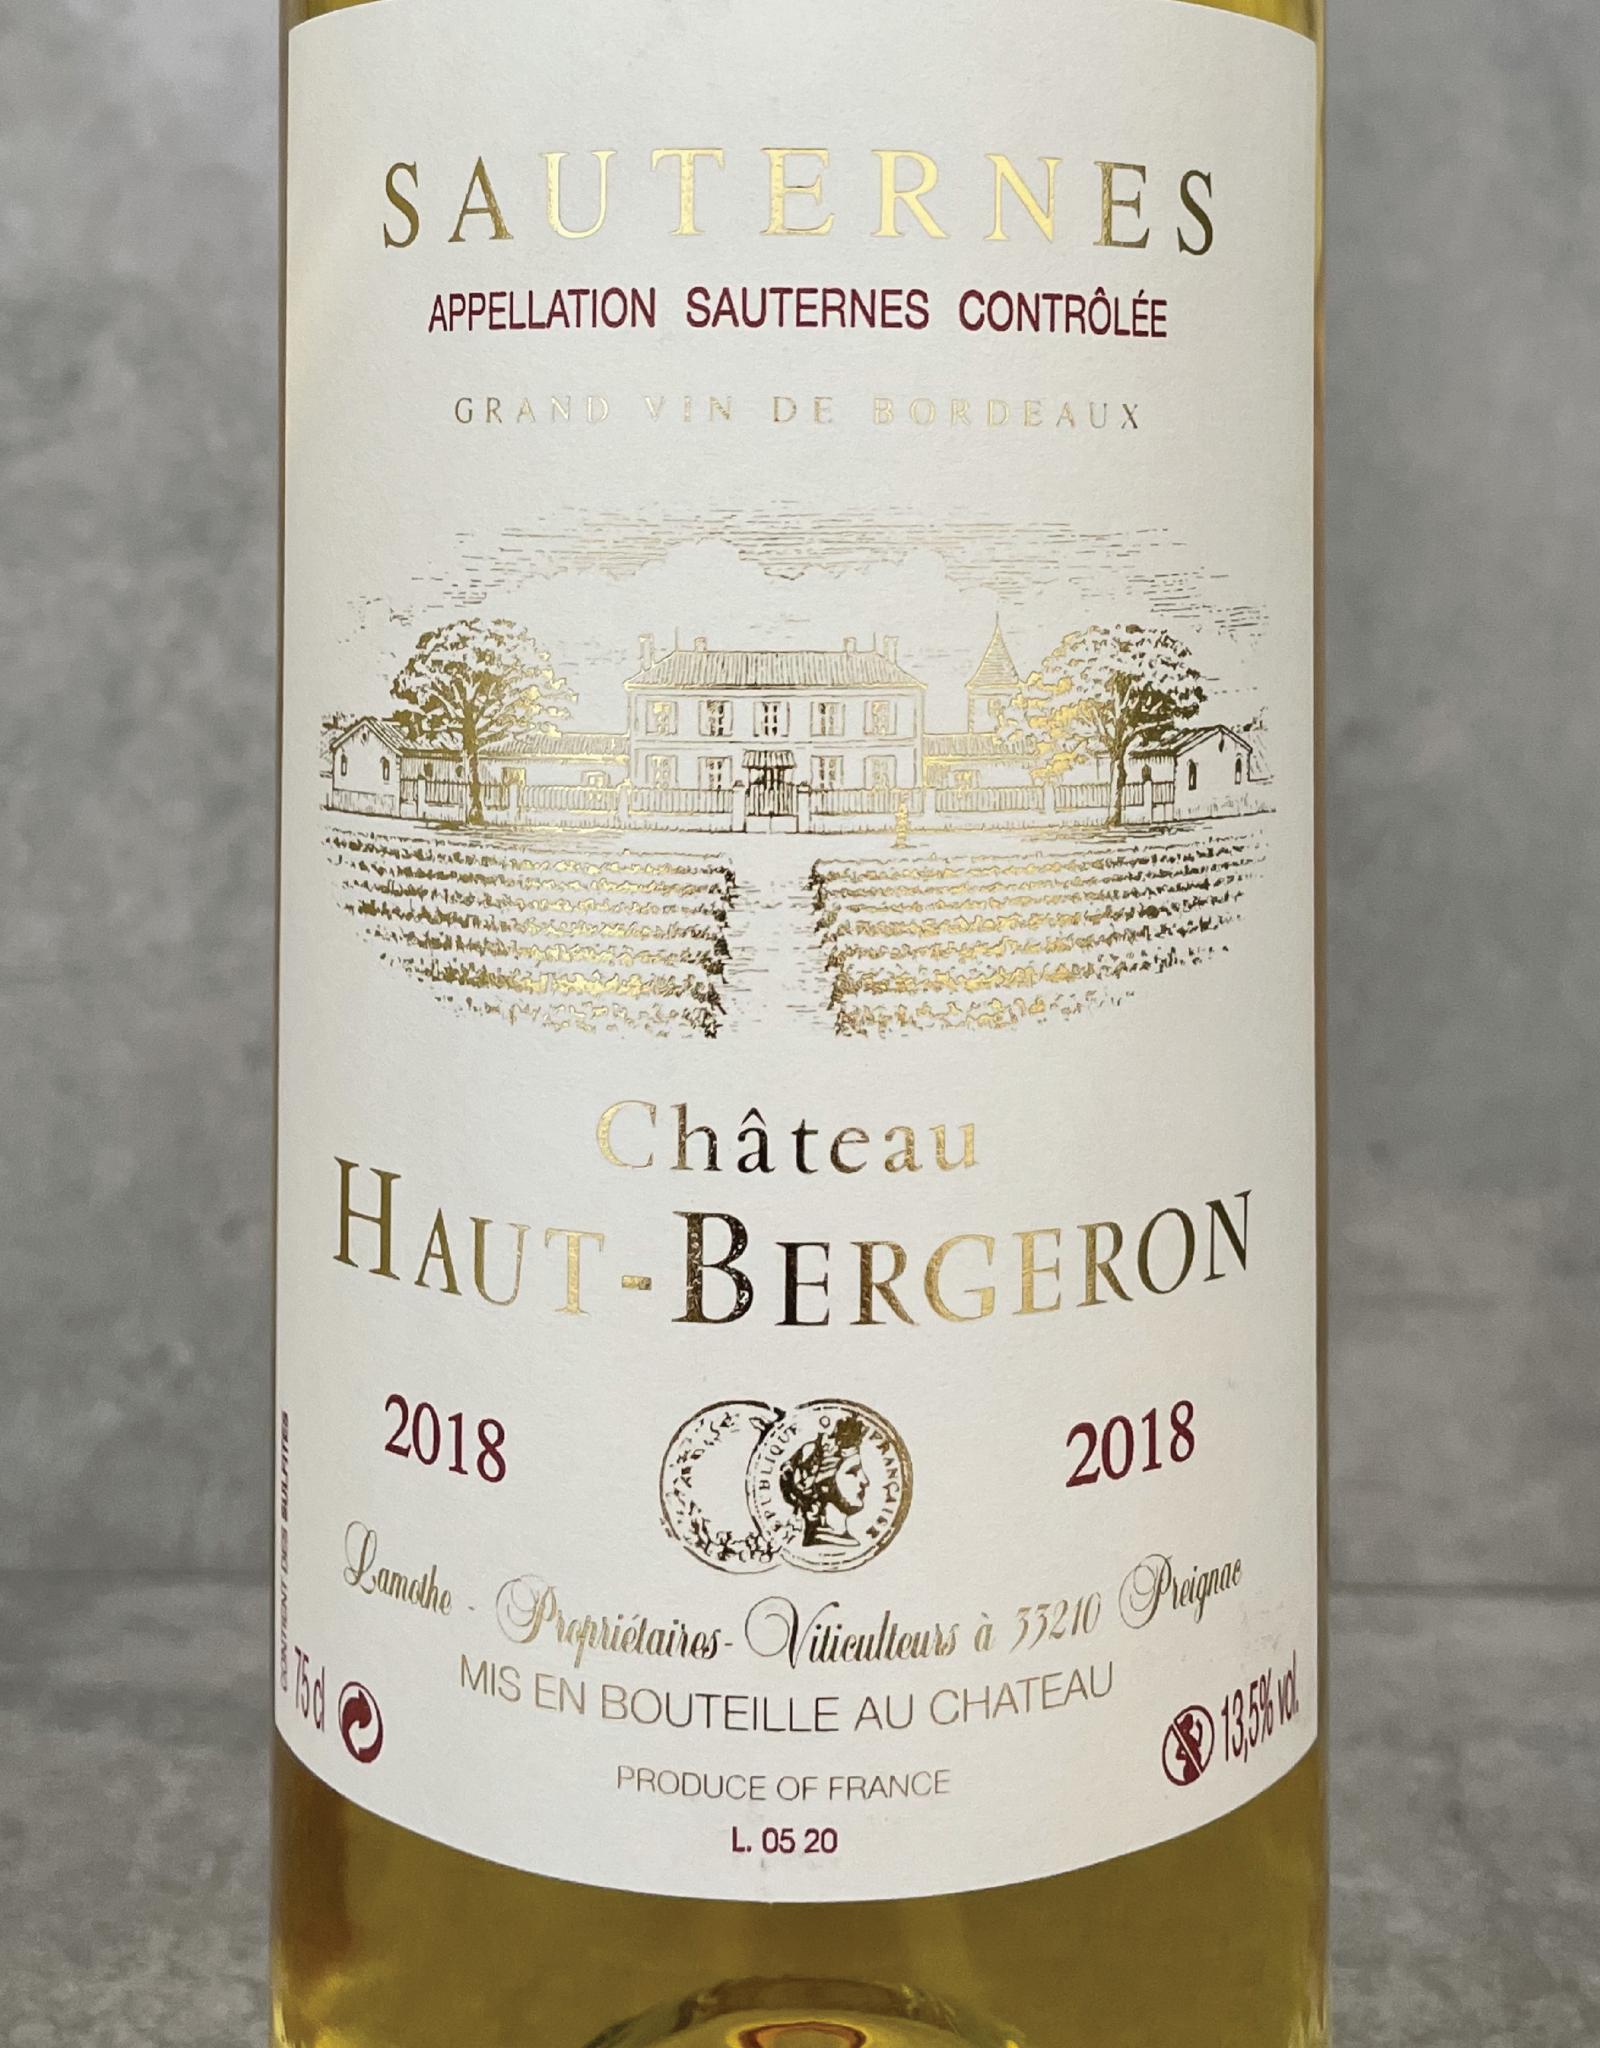 Haut Bergeron Sauternes 1985